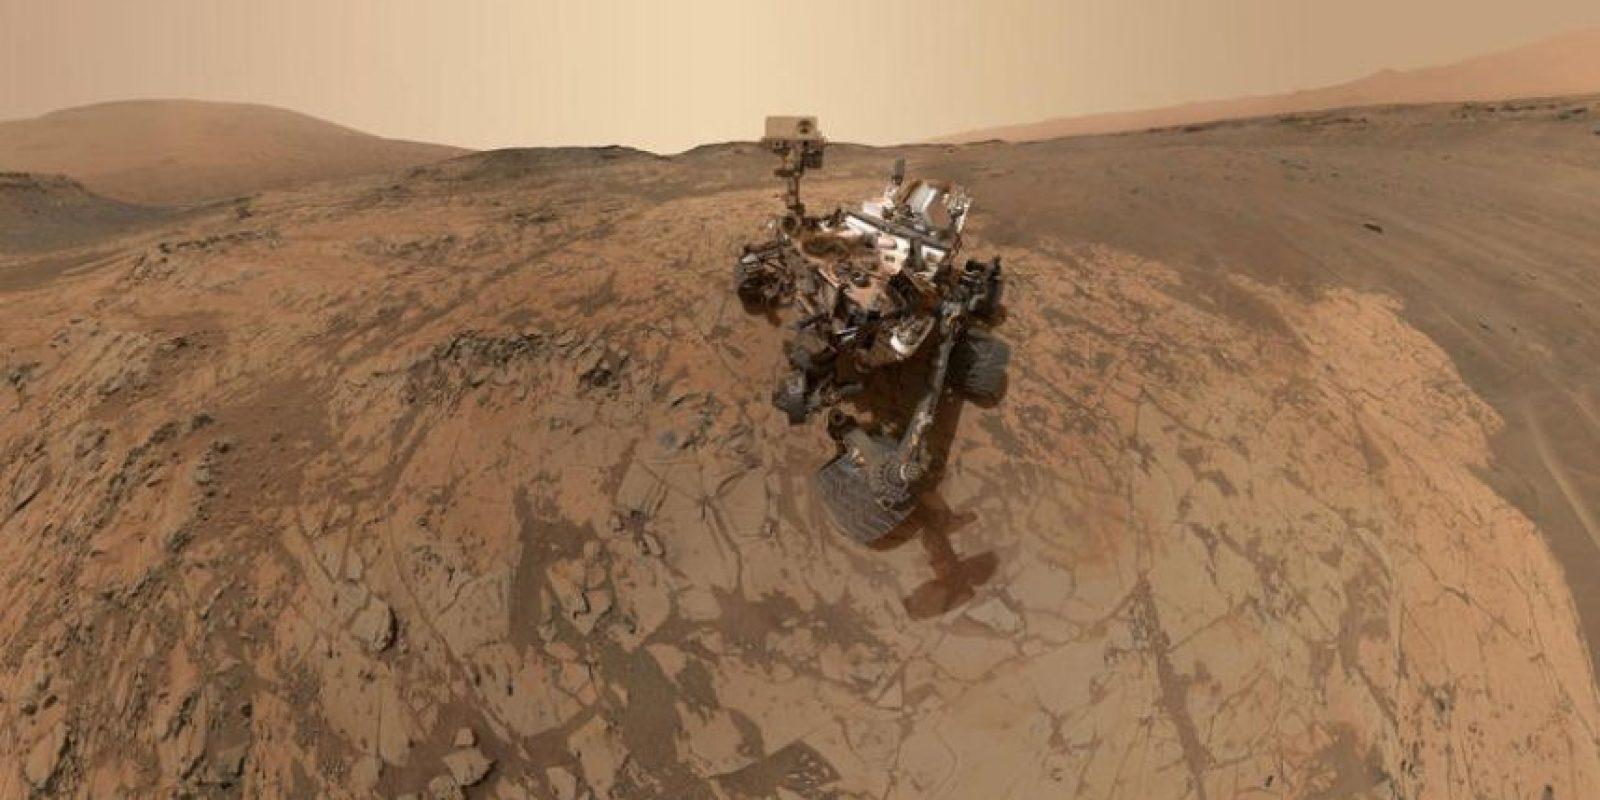 Sin embargo, algunos científicos aseguran que la misión no se realizará. Foto:Getty Images